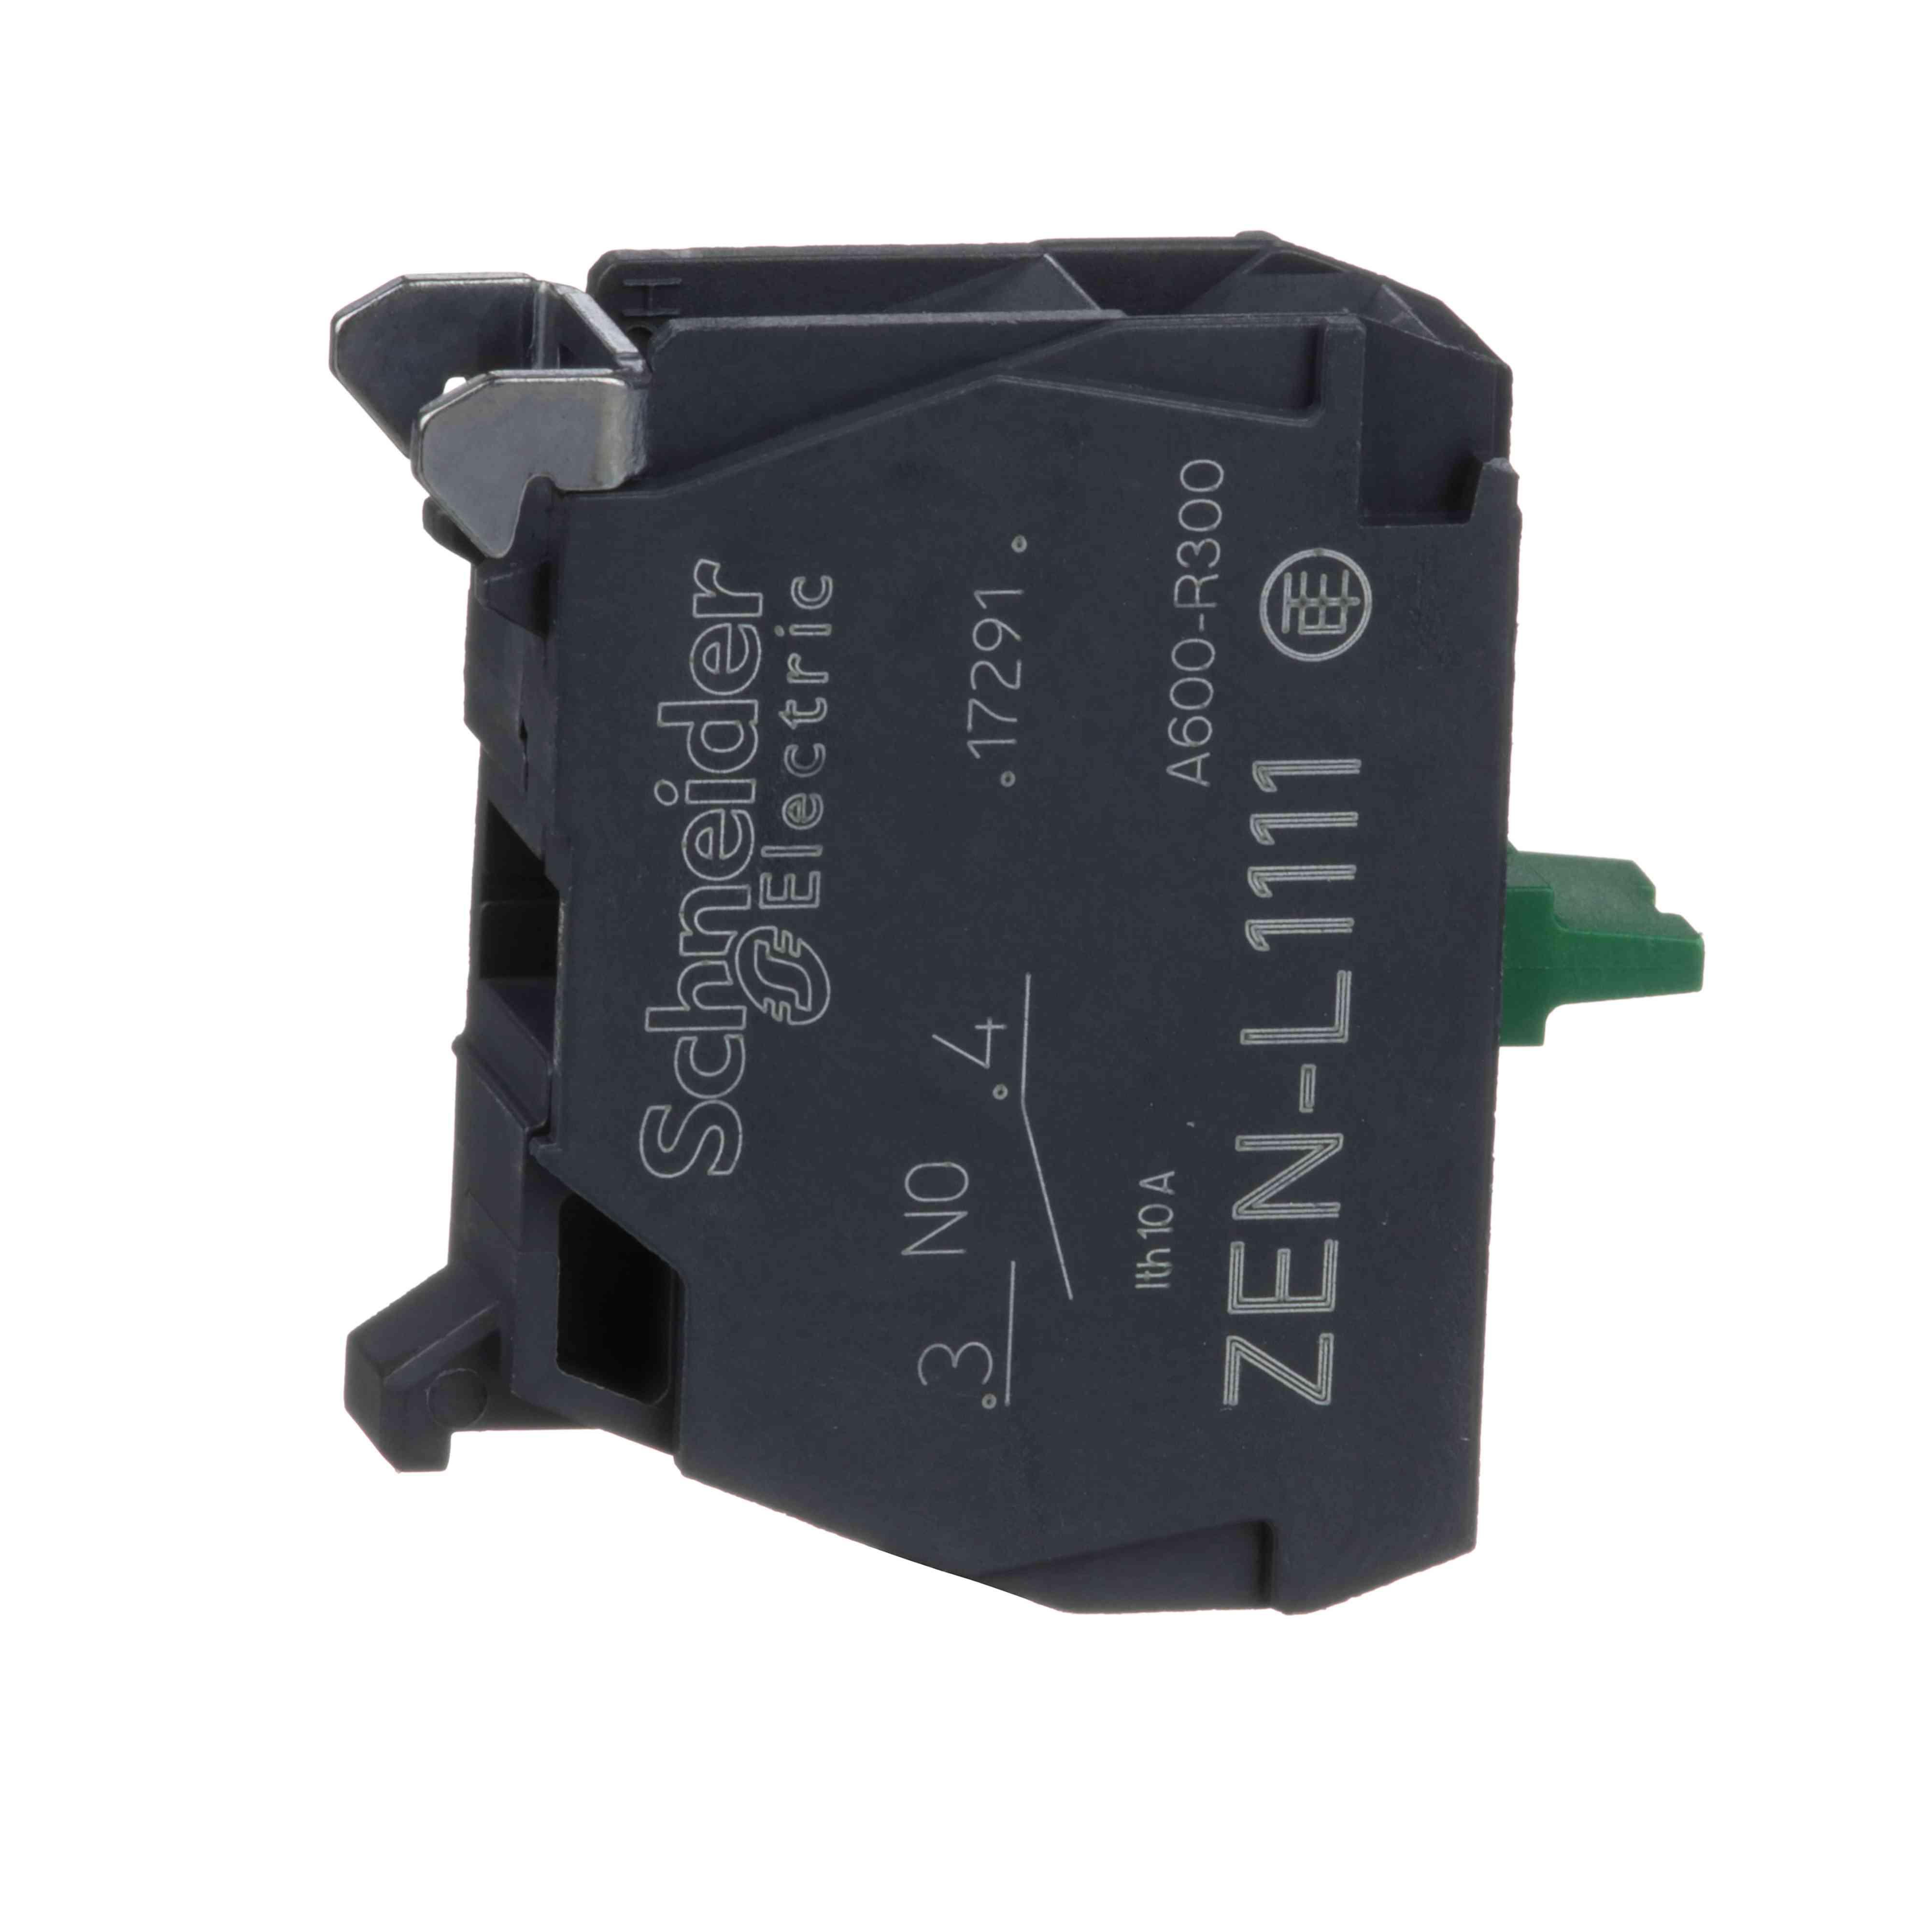 Enojni kontaktni blok za glavo Ø 22 1 NO priključek z vijačnimi objemkami